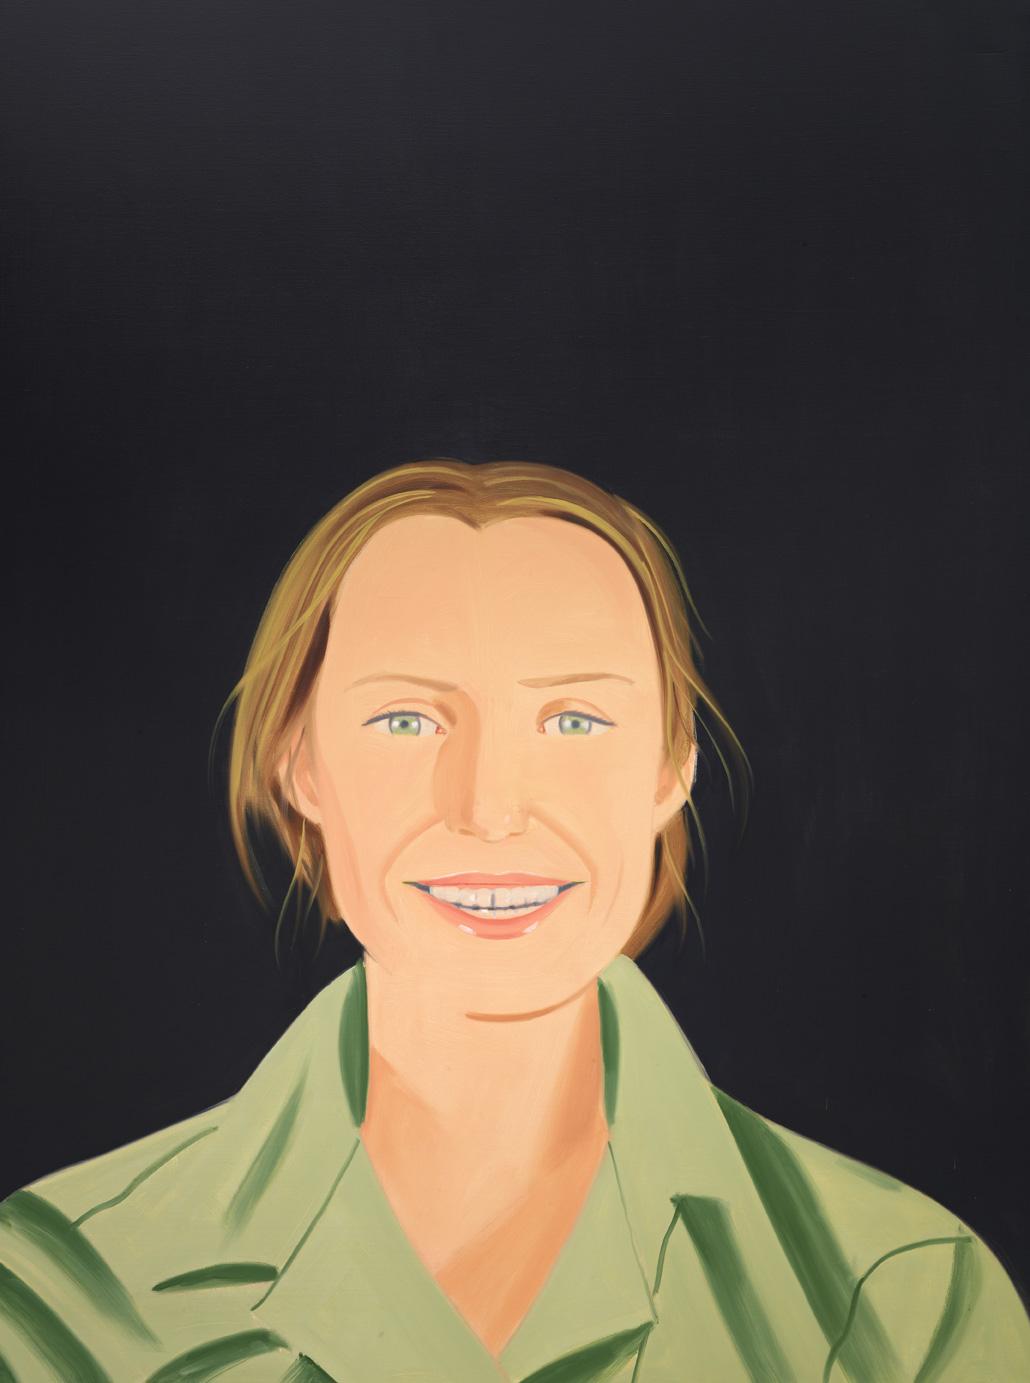 Lauren irribarrez | Alex Katz | Guggenheim Bilbao Museoa